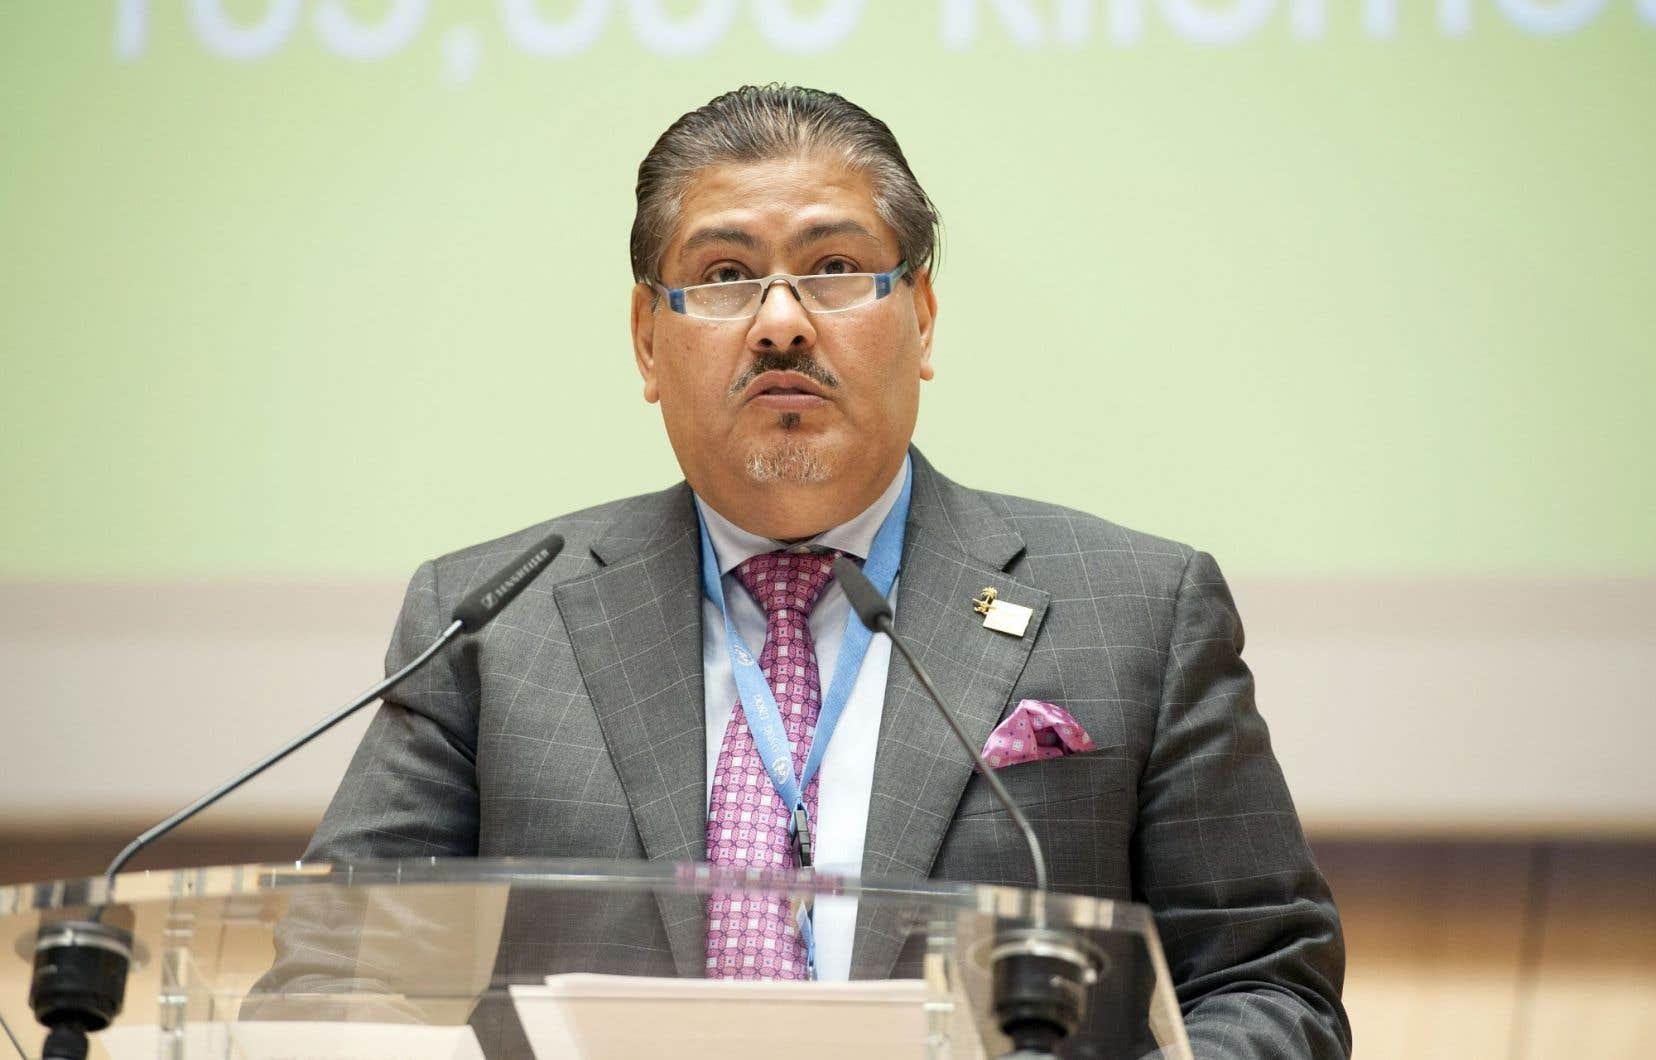 Depuis lundi, le panel du Conseil des droits de l'Homme de l'ONU est présidé par l'ambassadeur de l'Arabie saoudite, Faisal bin Hassan Trad.